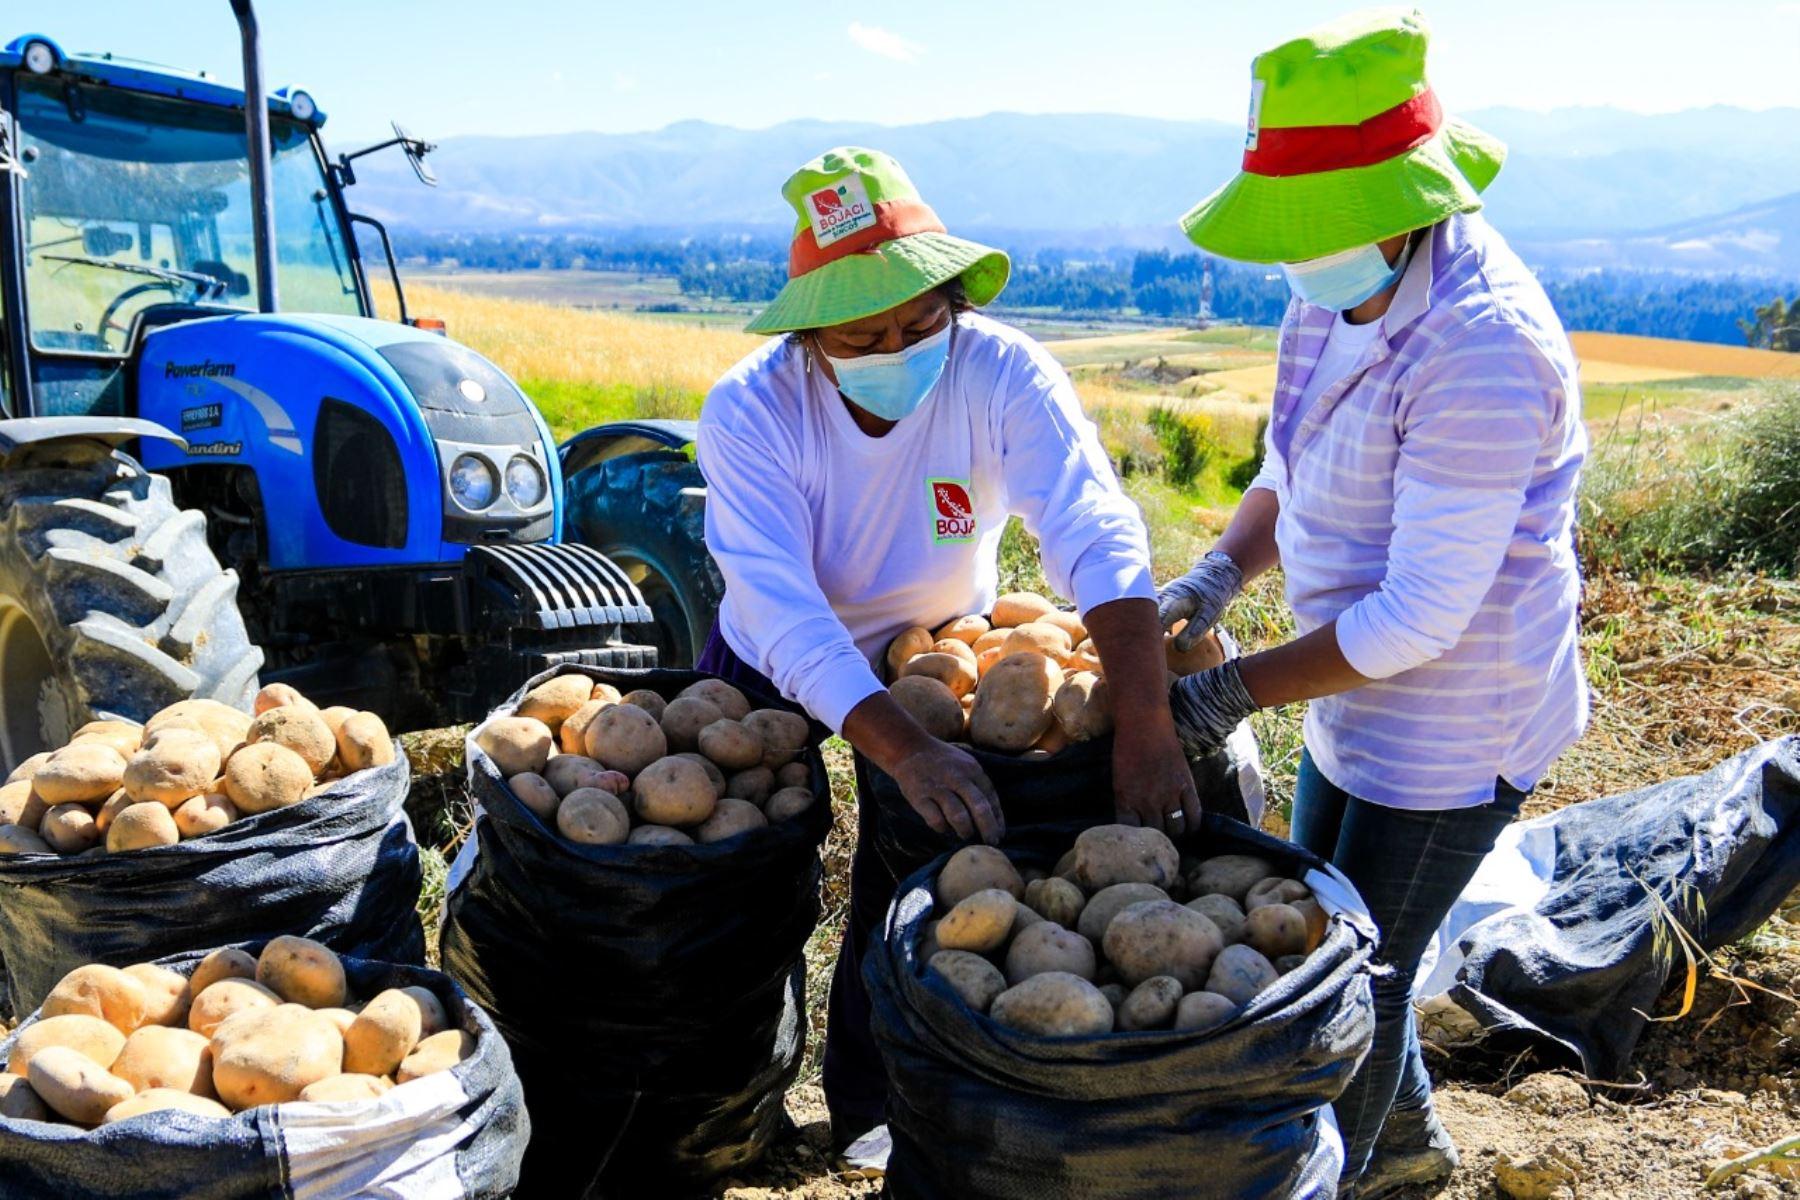 Nueva política agraria impulsará mercados y mayor rentabilidad de agro familiar